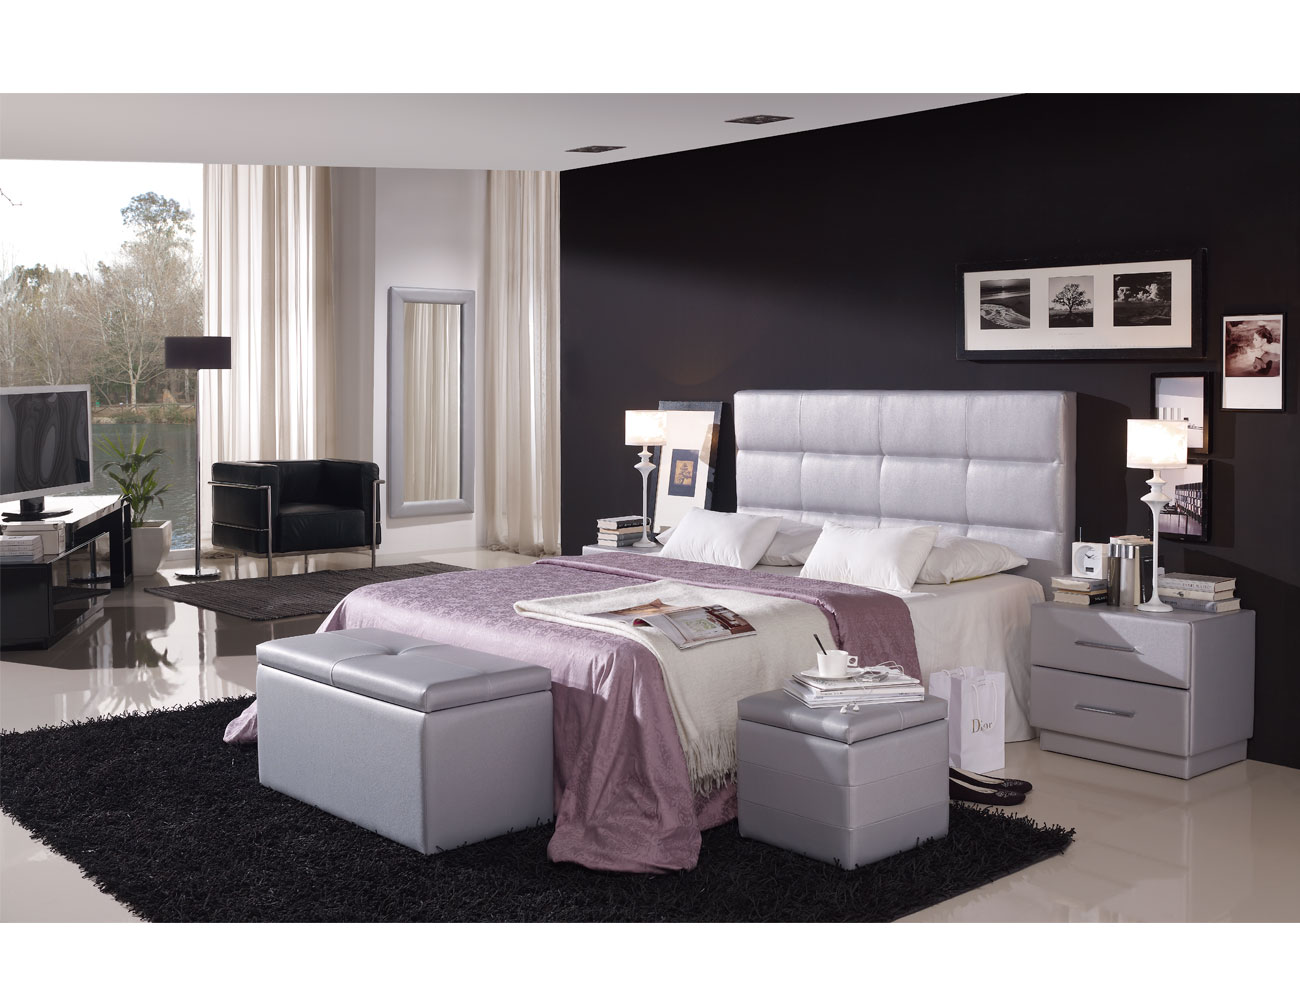 23 marco tapizado dormitorio914